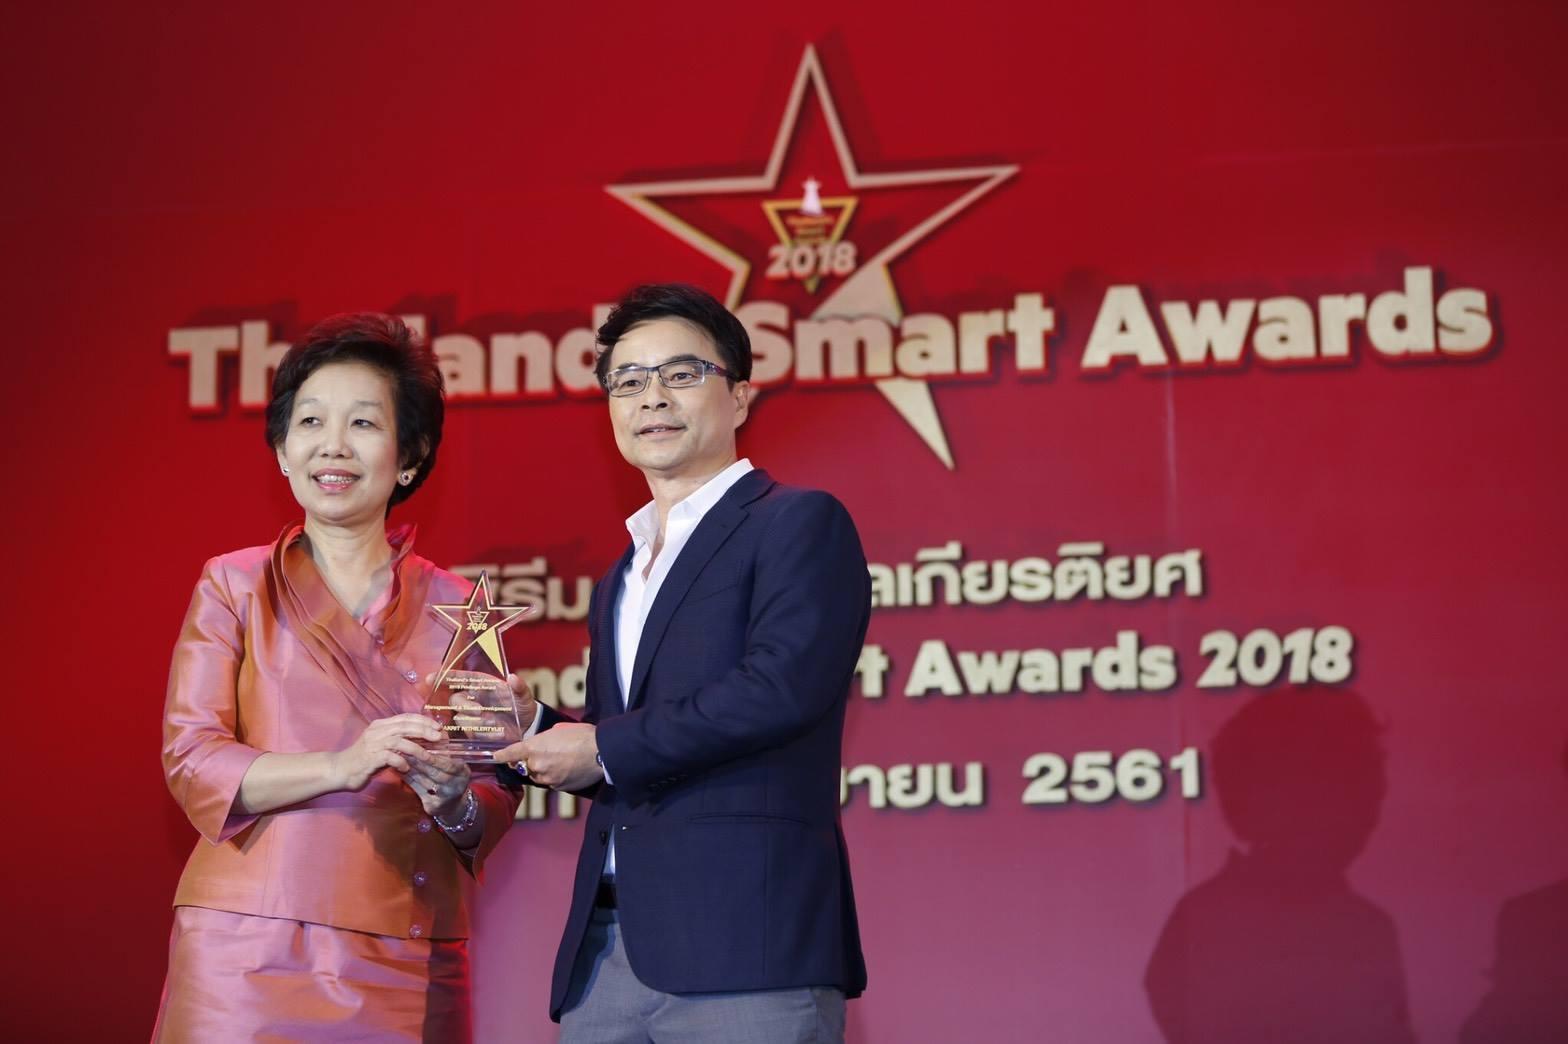 สองผู้ก่อตั้ง SUCCESSMORE รับรางวัลในงาน Thailand's Smart Awards 2018 (3)